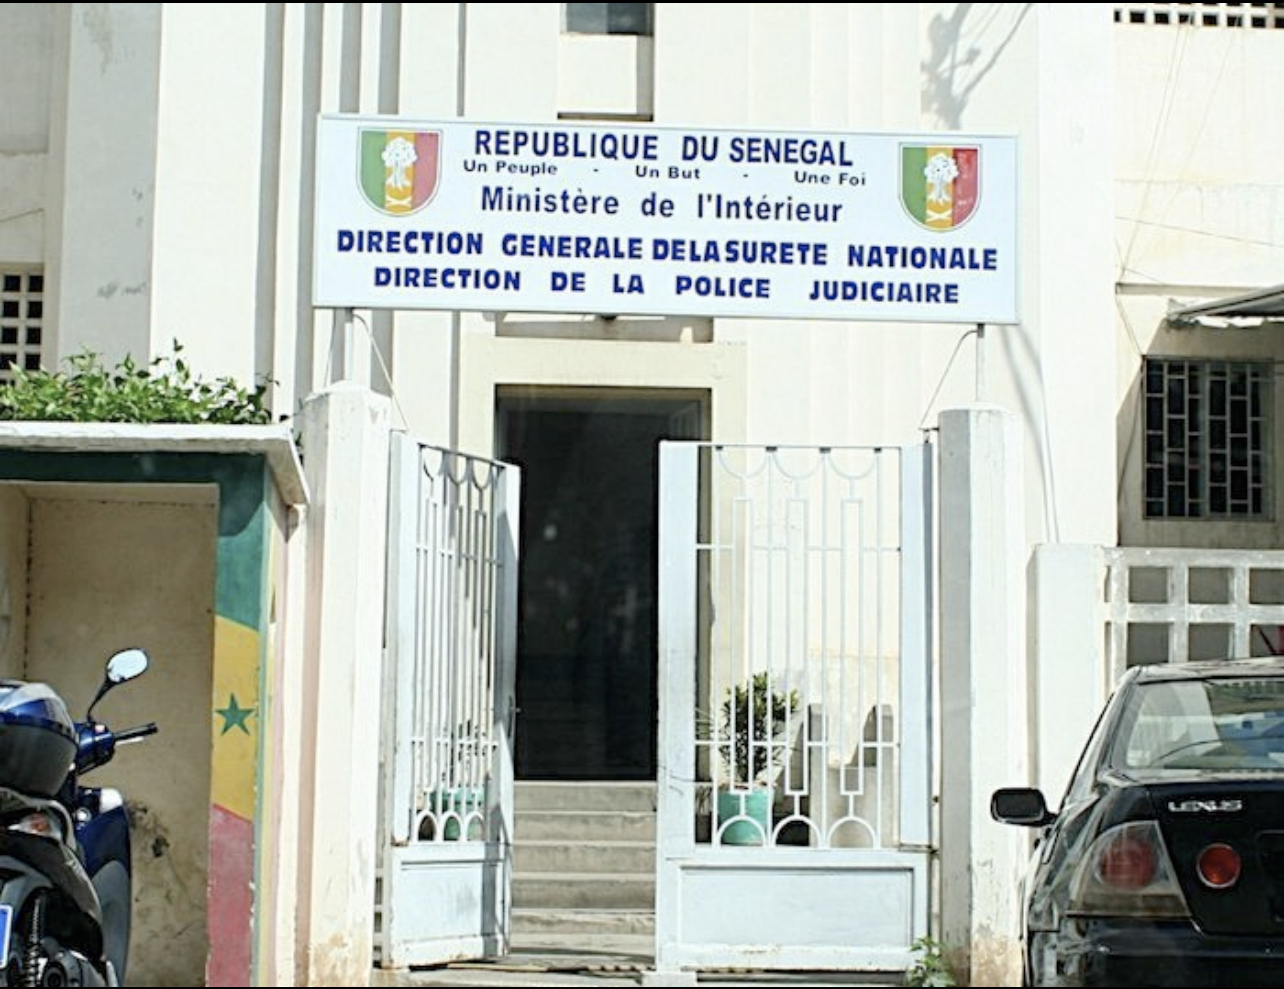 Trafic des passeports diplomatiques sénégalais : révélations sur l'arrestation de Kilifeu, les députés Boubacar Biaye et Mamadou Sall de Benno mouillés dans une affaire similaire